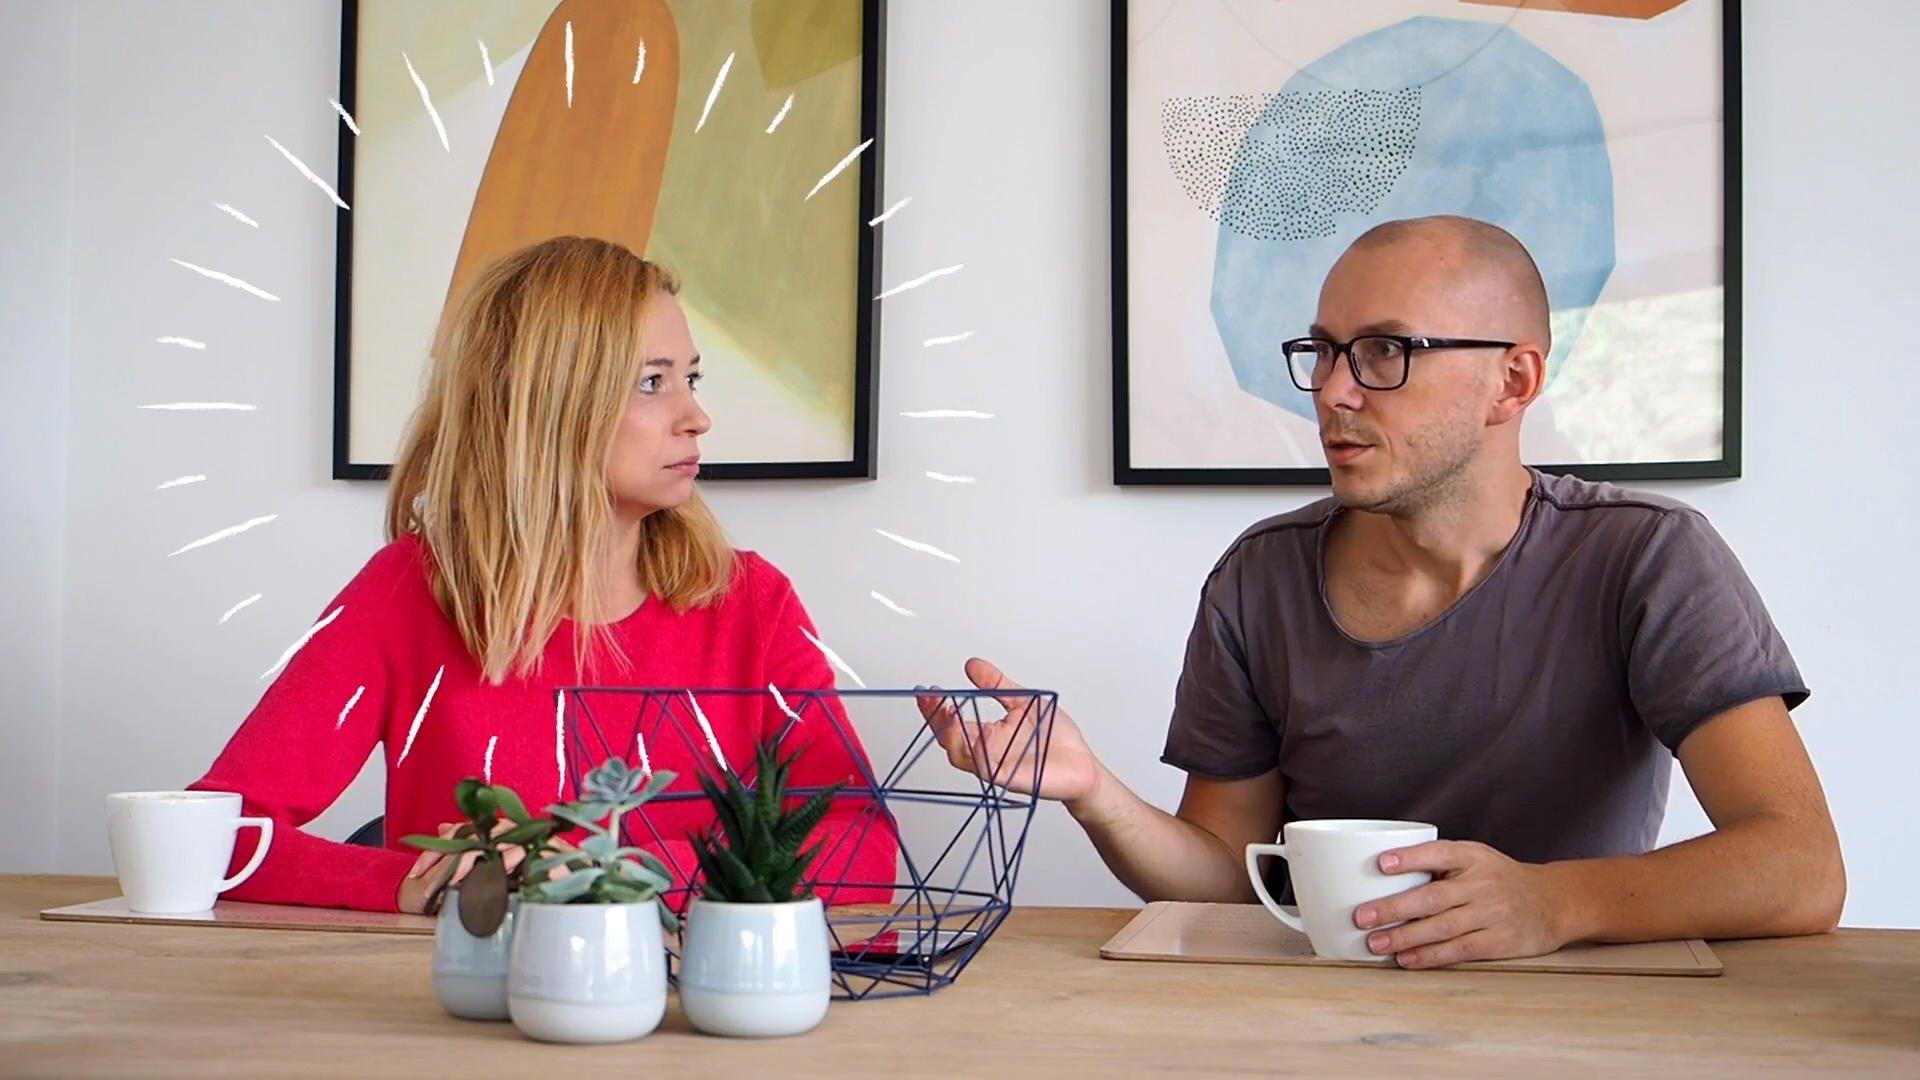 Czy facetowi bez kobiety byłoby łatwiej? – Life and the city (odc. 1)